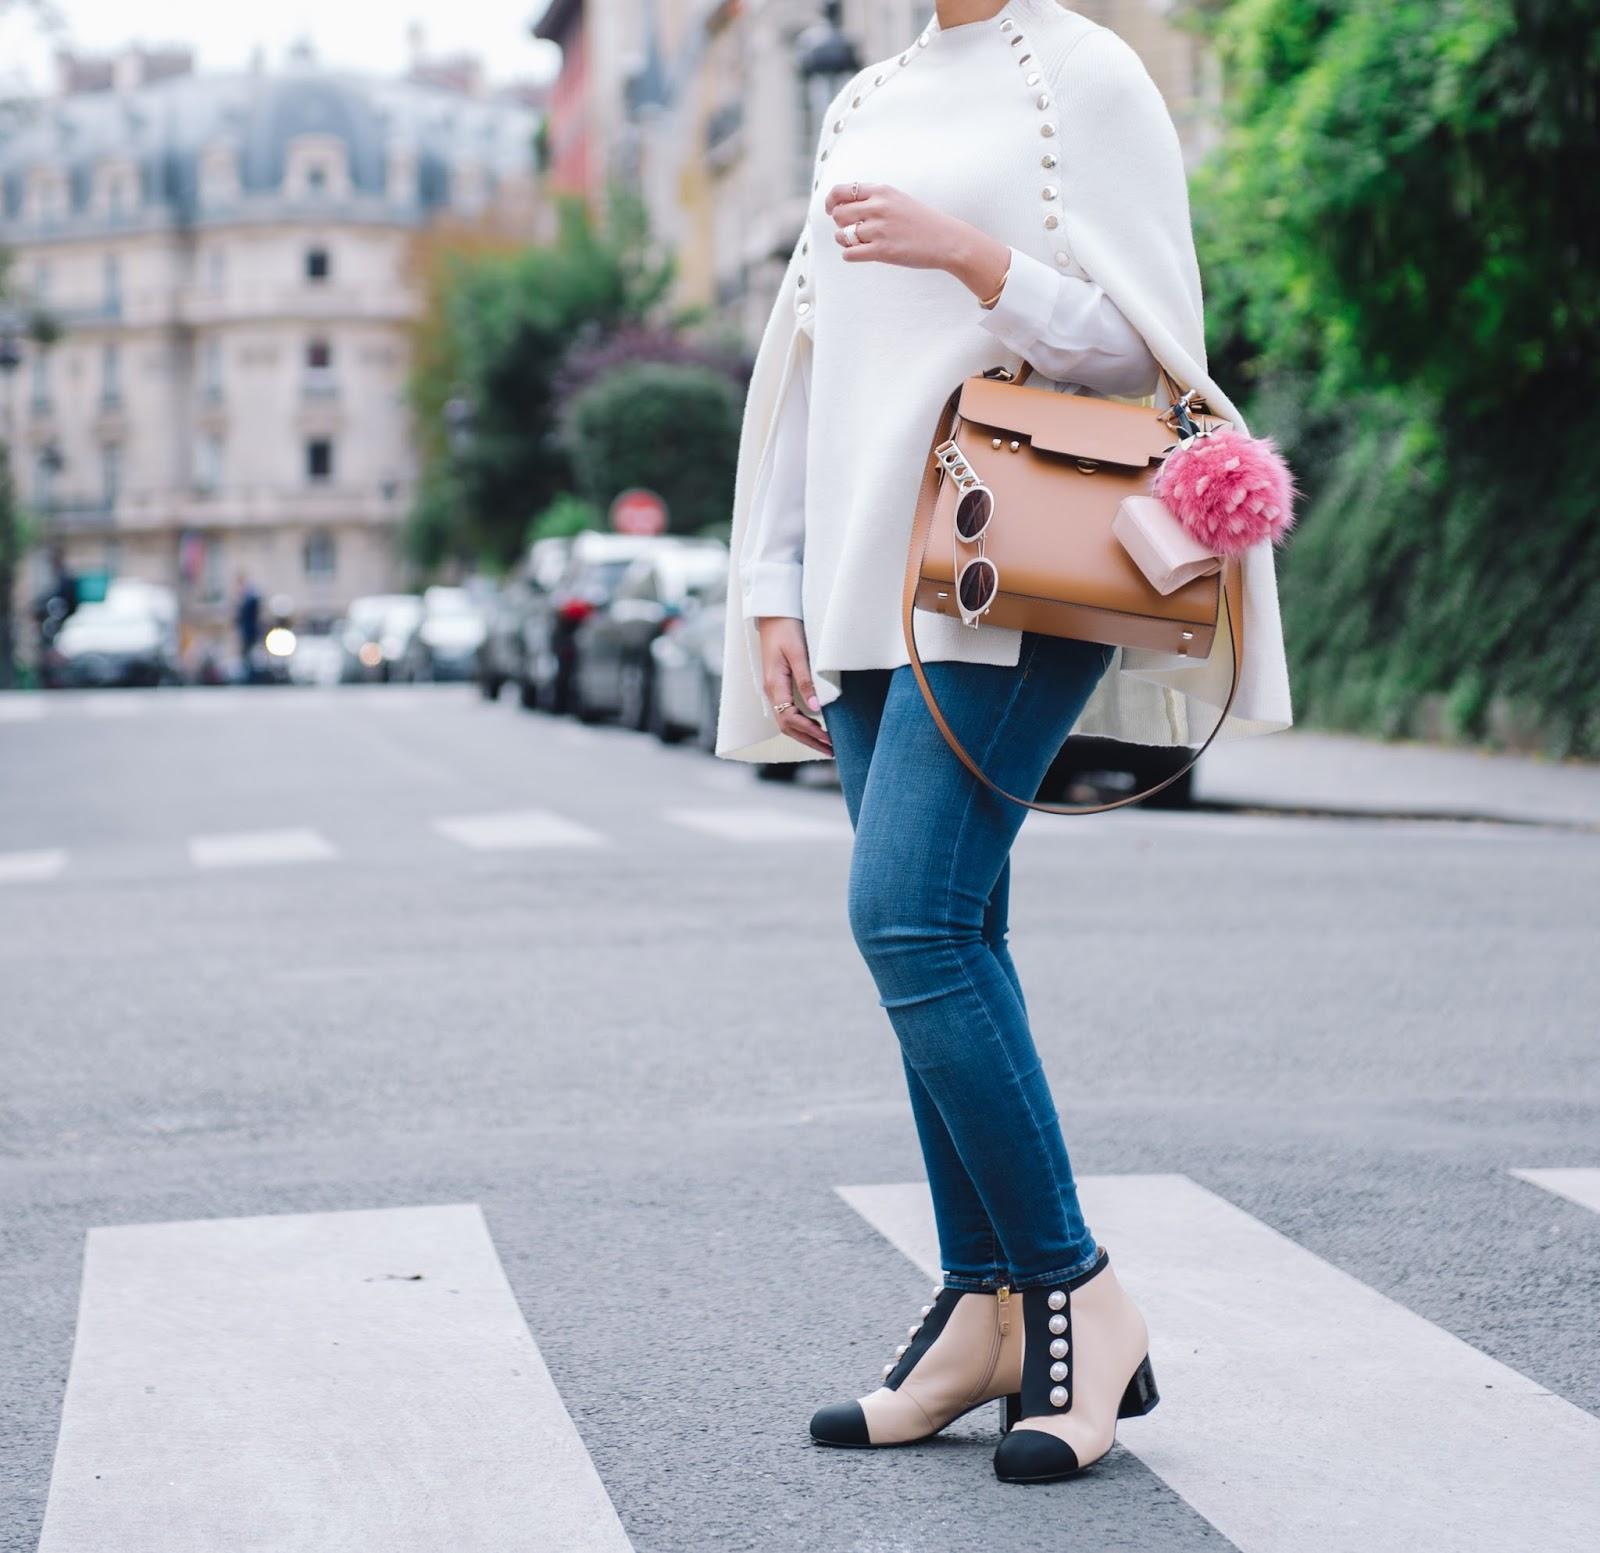 صورة نسوان الشارع , اجمل ملابس لنساء بالشارع